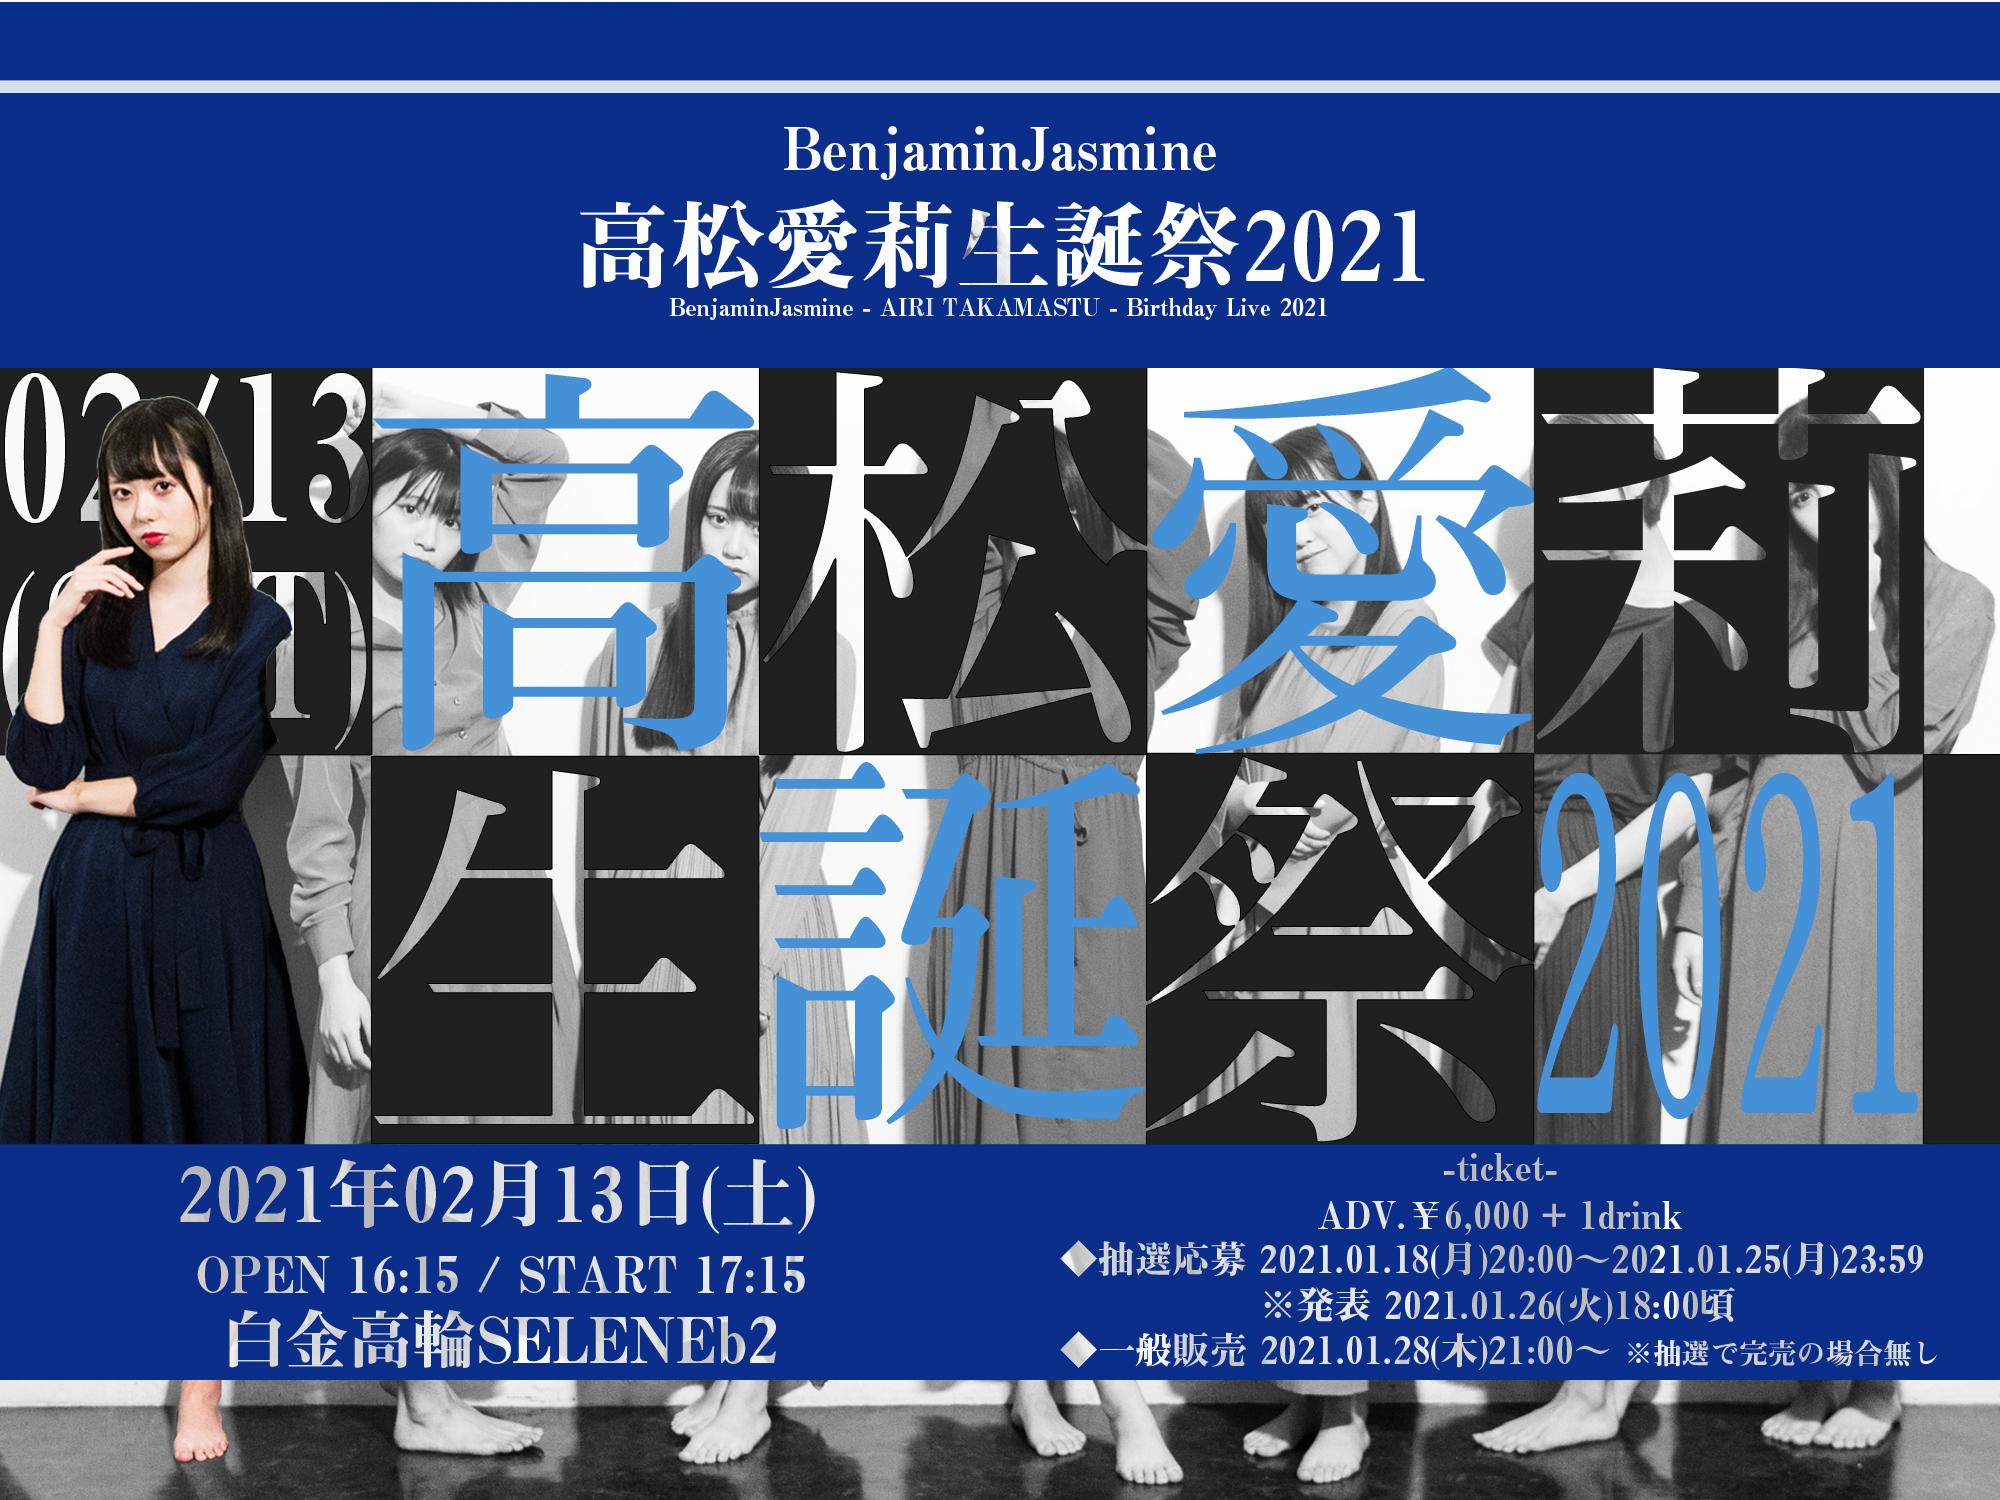 2月13日(土)『BenjaminJasmine 高松愛莉生誕祭2020』